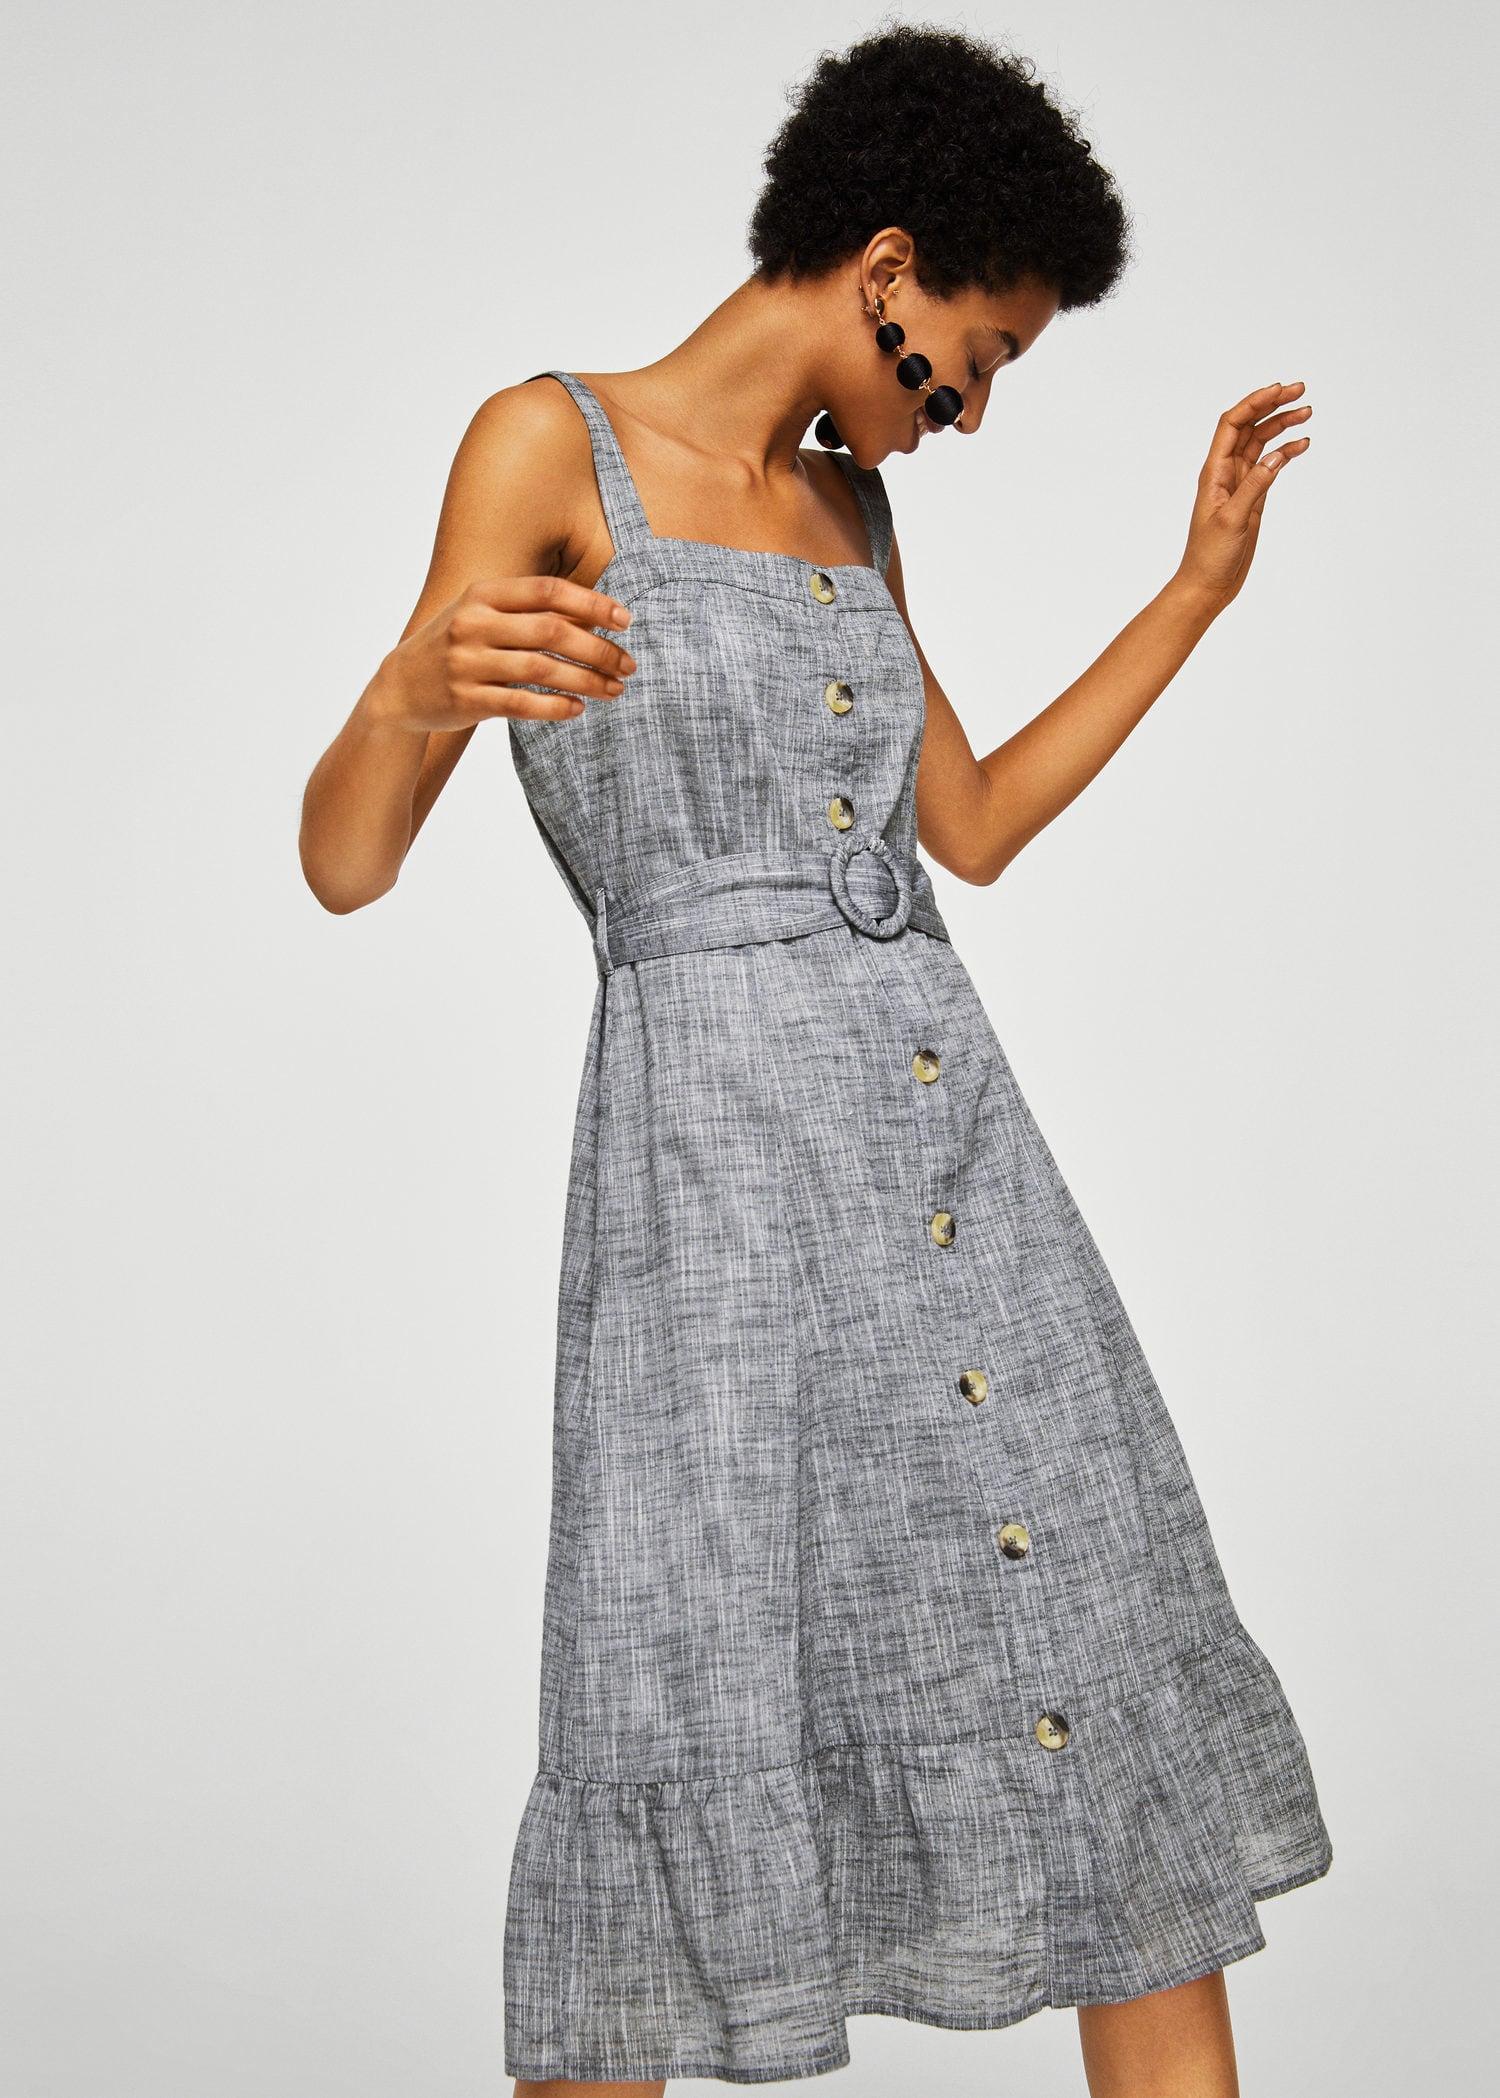 4. kép: Vászon ruha Mango 13 995 Ft